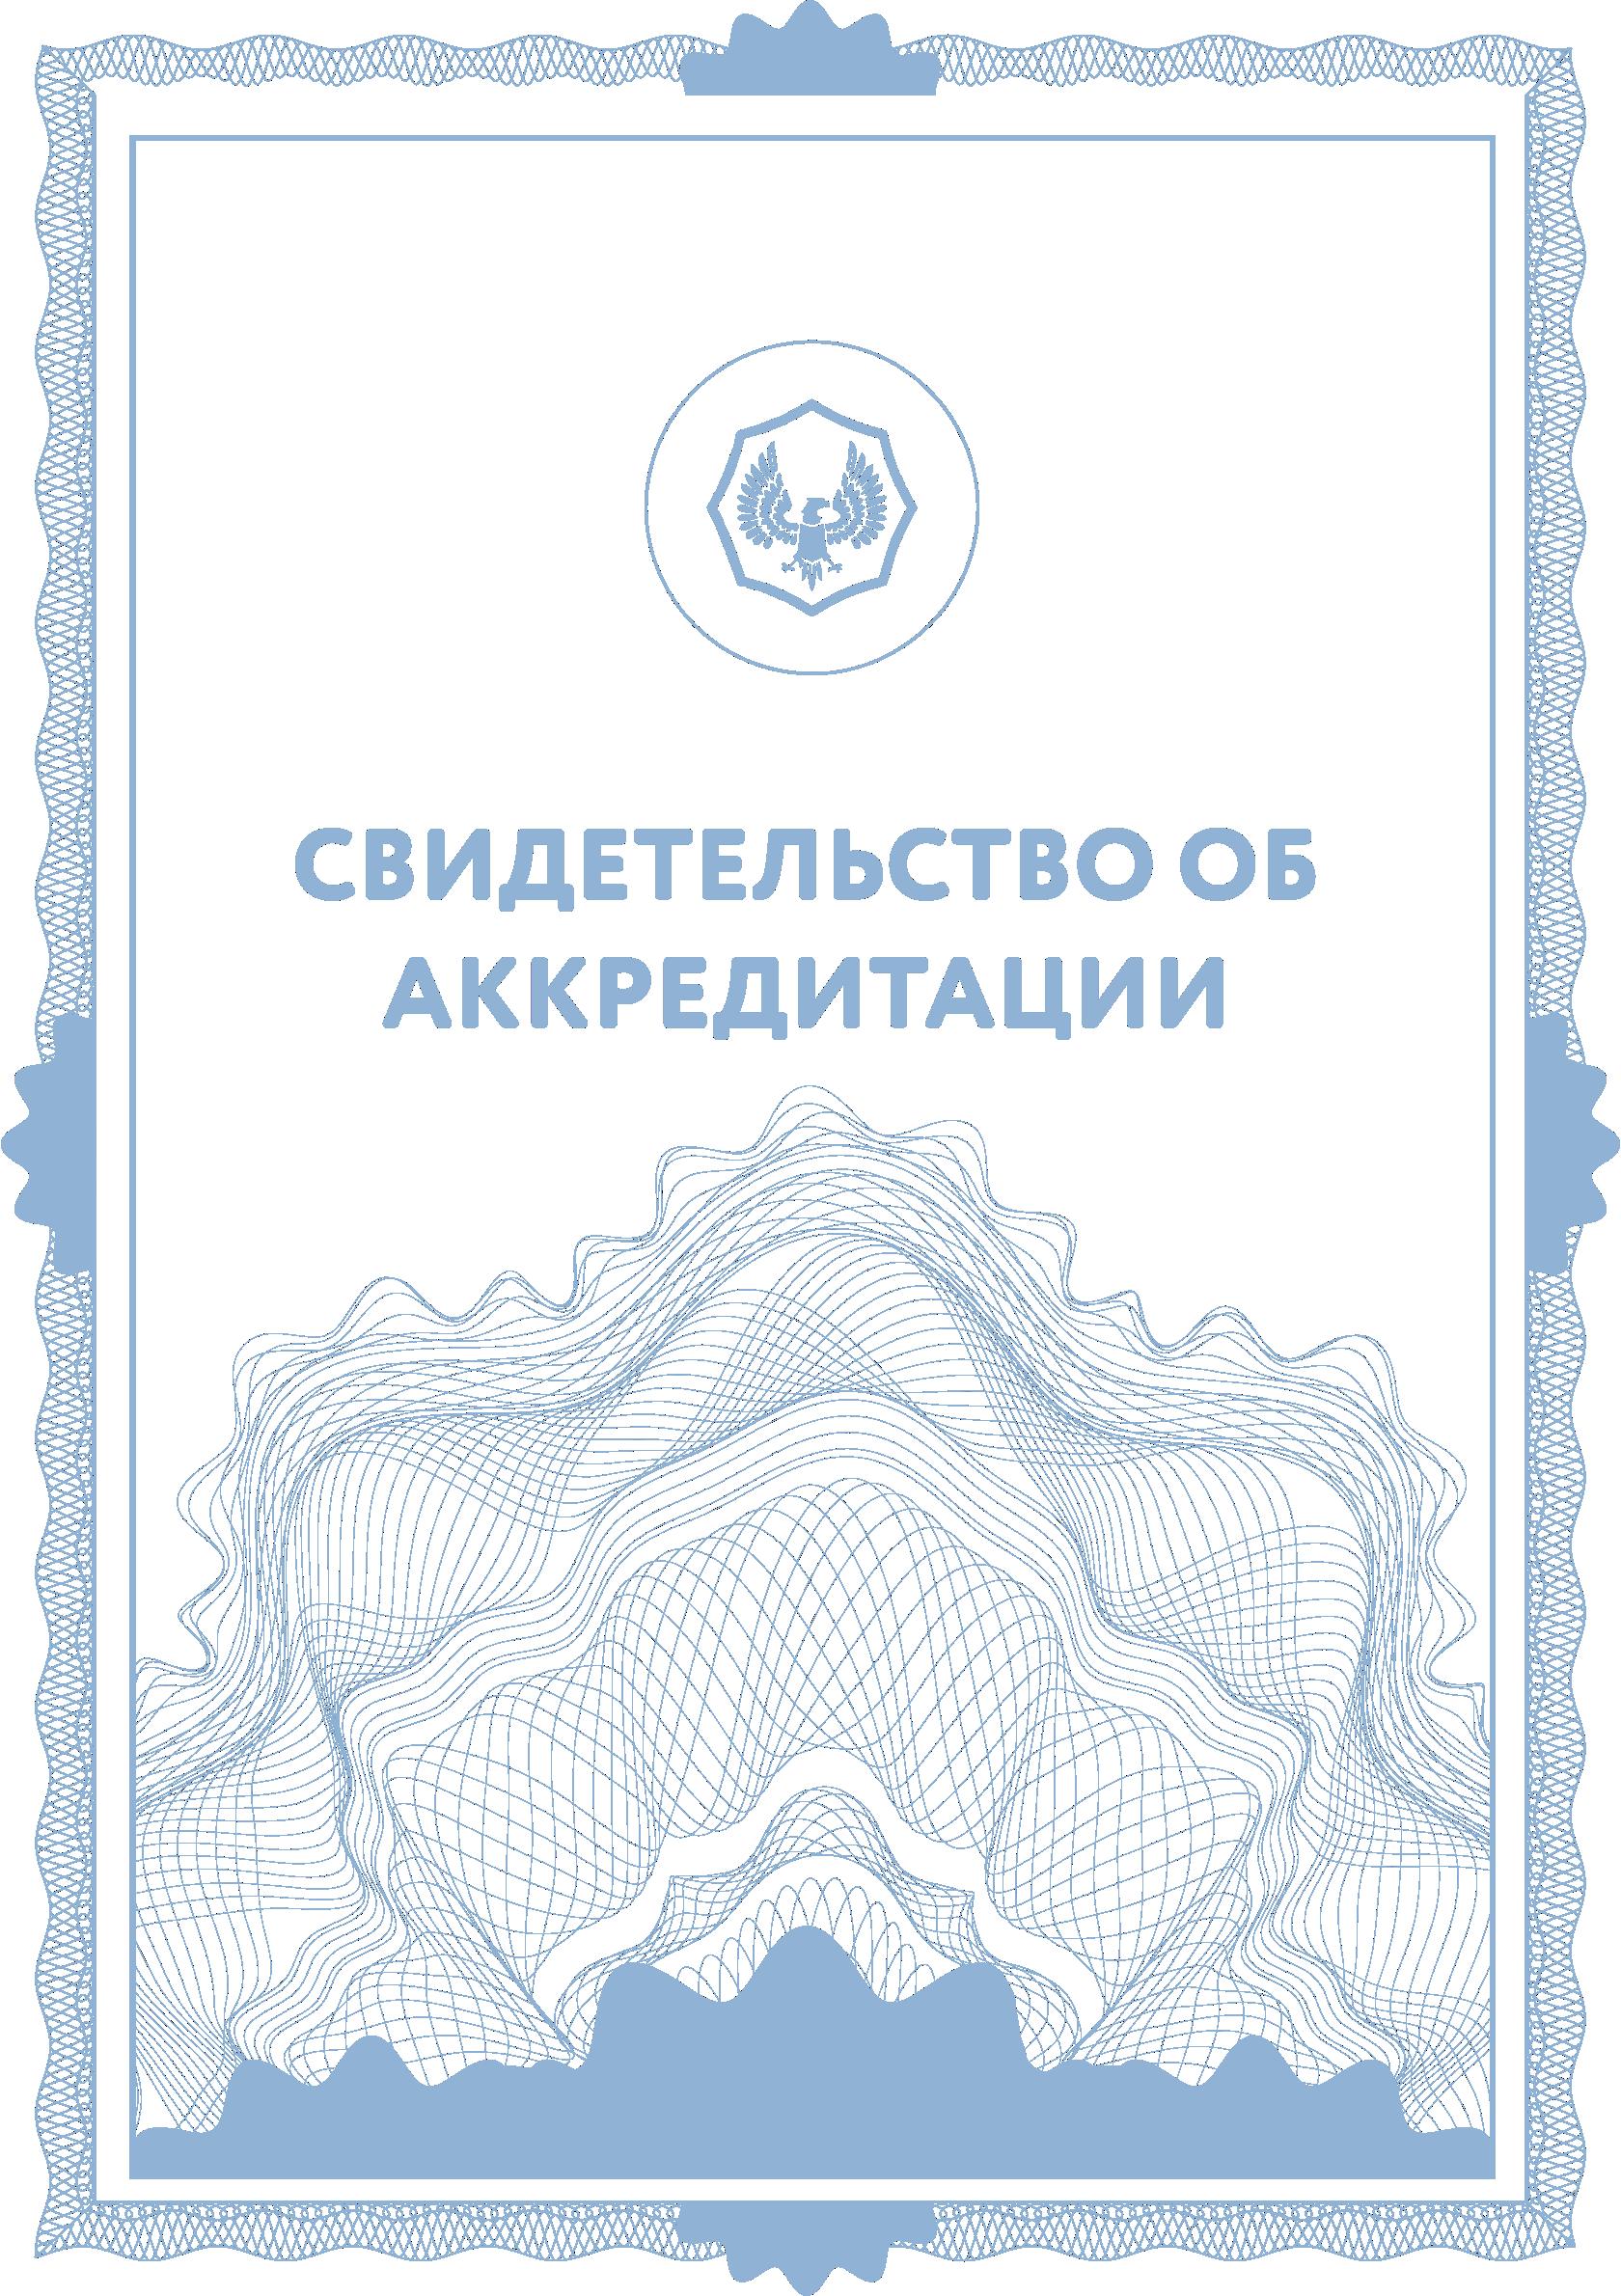 svidetelstvo_ob_akkreditacii